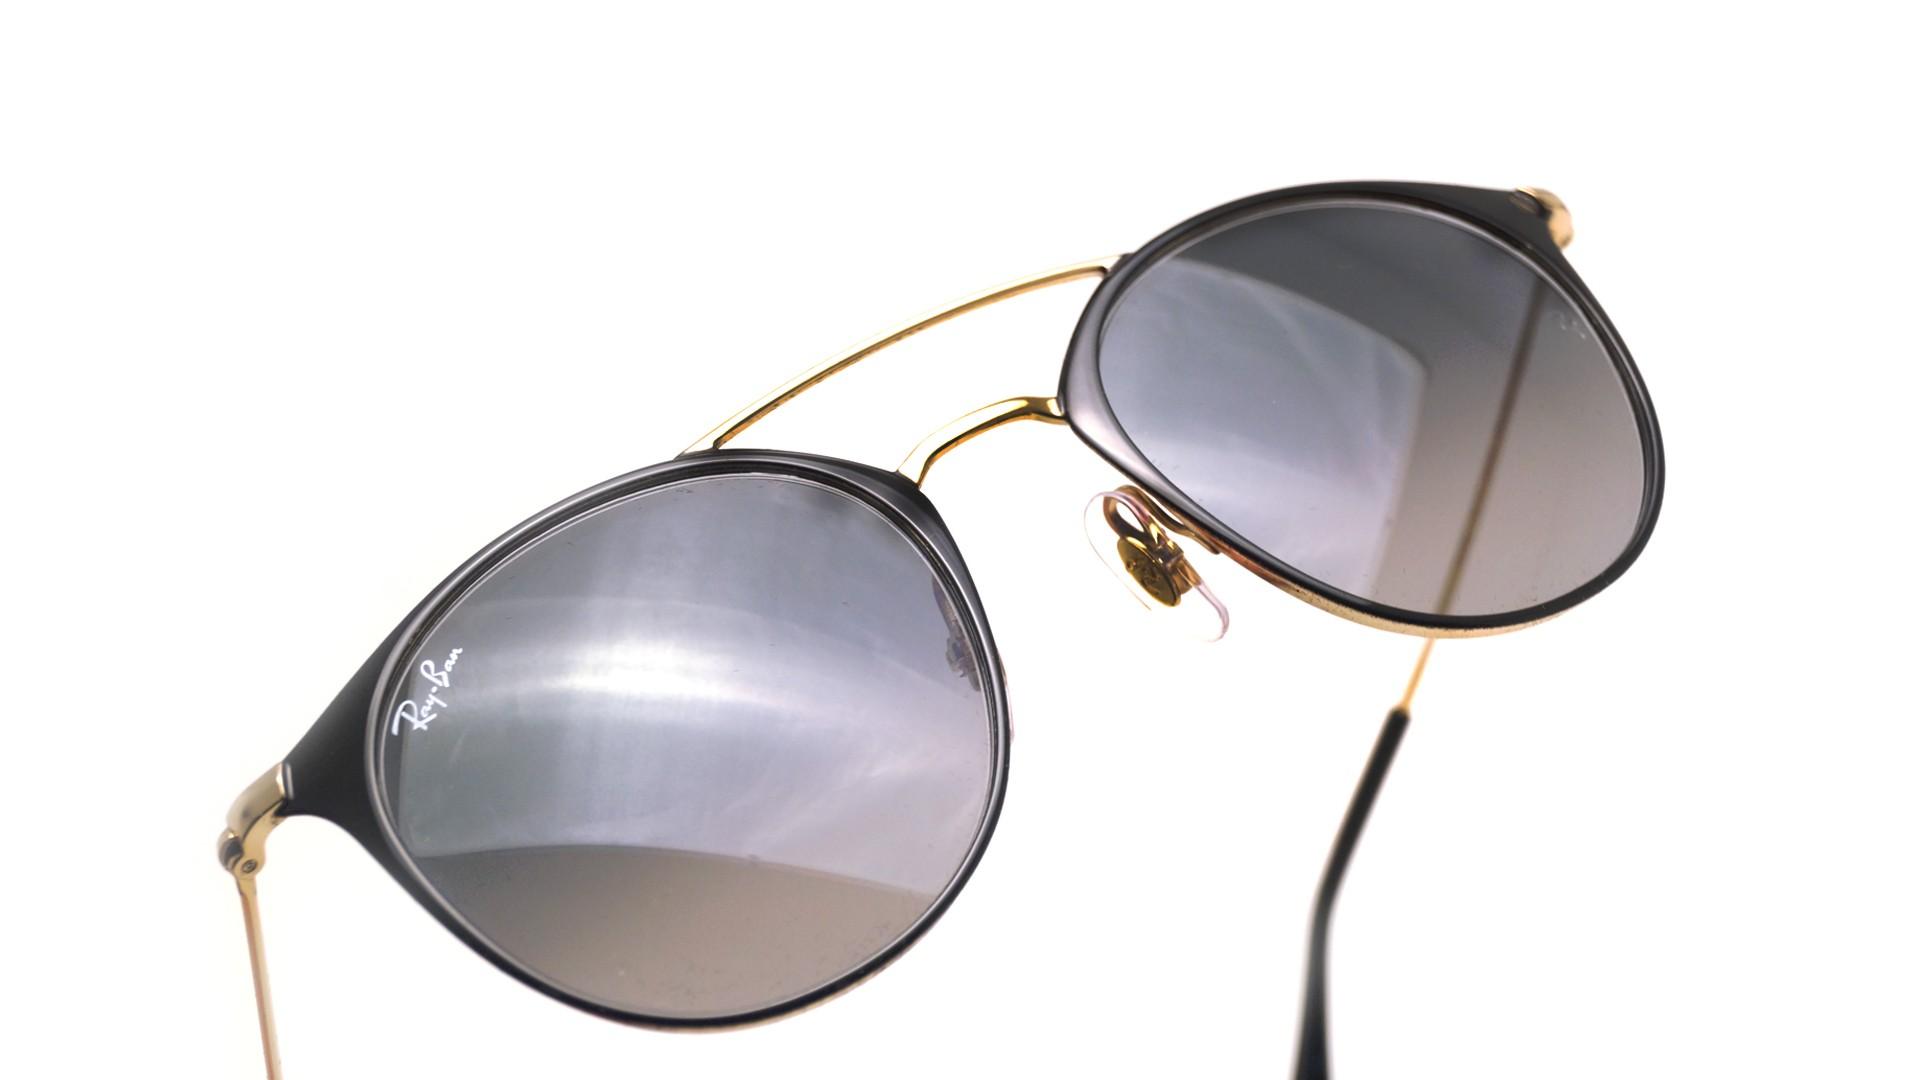 Sonnenbrillen Ray-Ban Schwarz RB3546 187 71 49-20 Schmal Gradient Gläser 6362332642